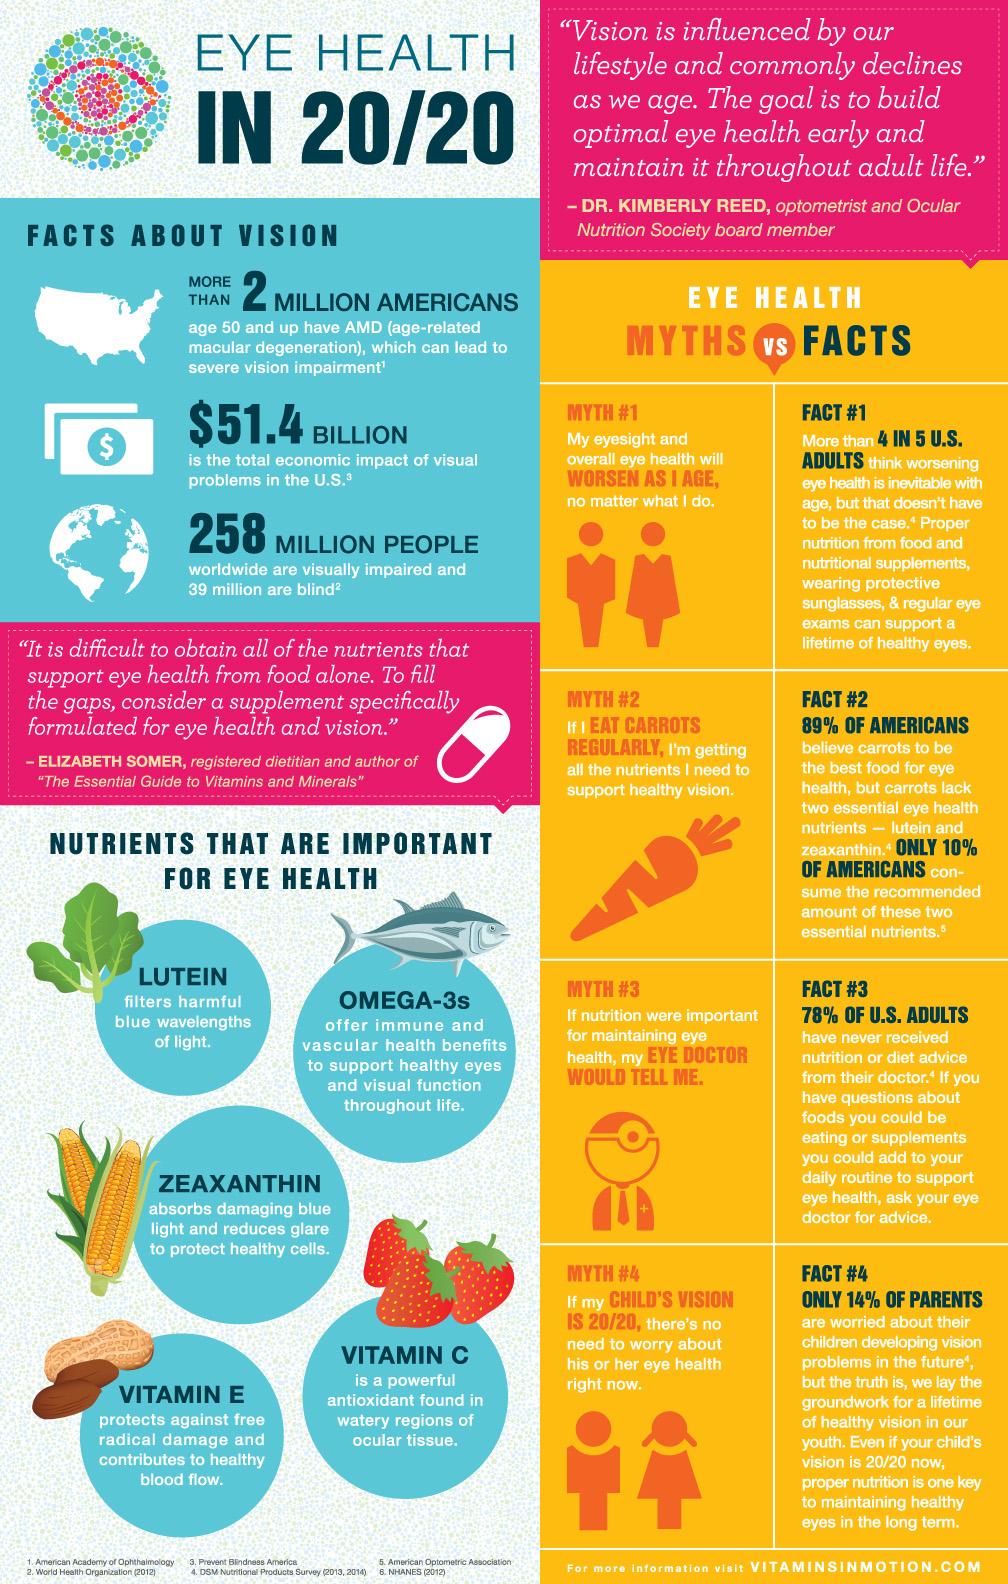 http://www.multivu.com/players/English/7129751-dsm-nutritional-products-eye-health-survey/gallery/image/97f2ecf8-f060-4970-979d-b8654366cc55.HR.jpg